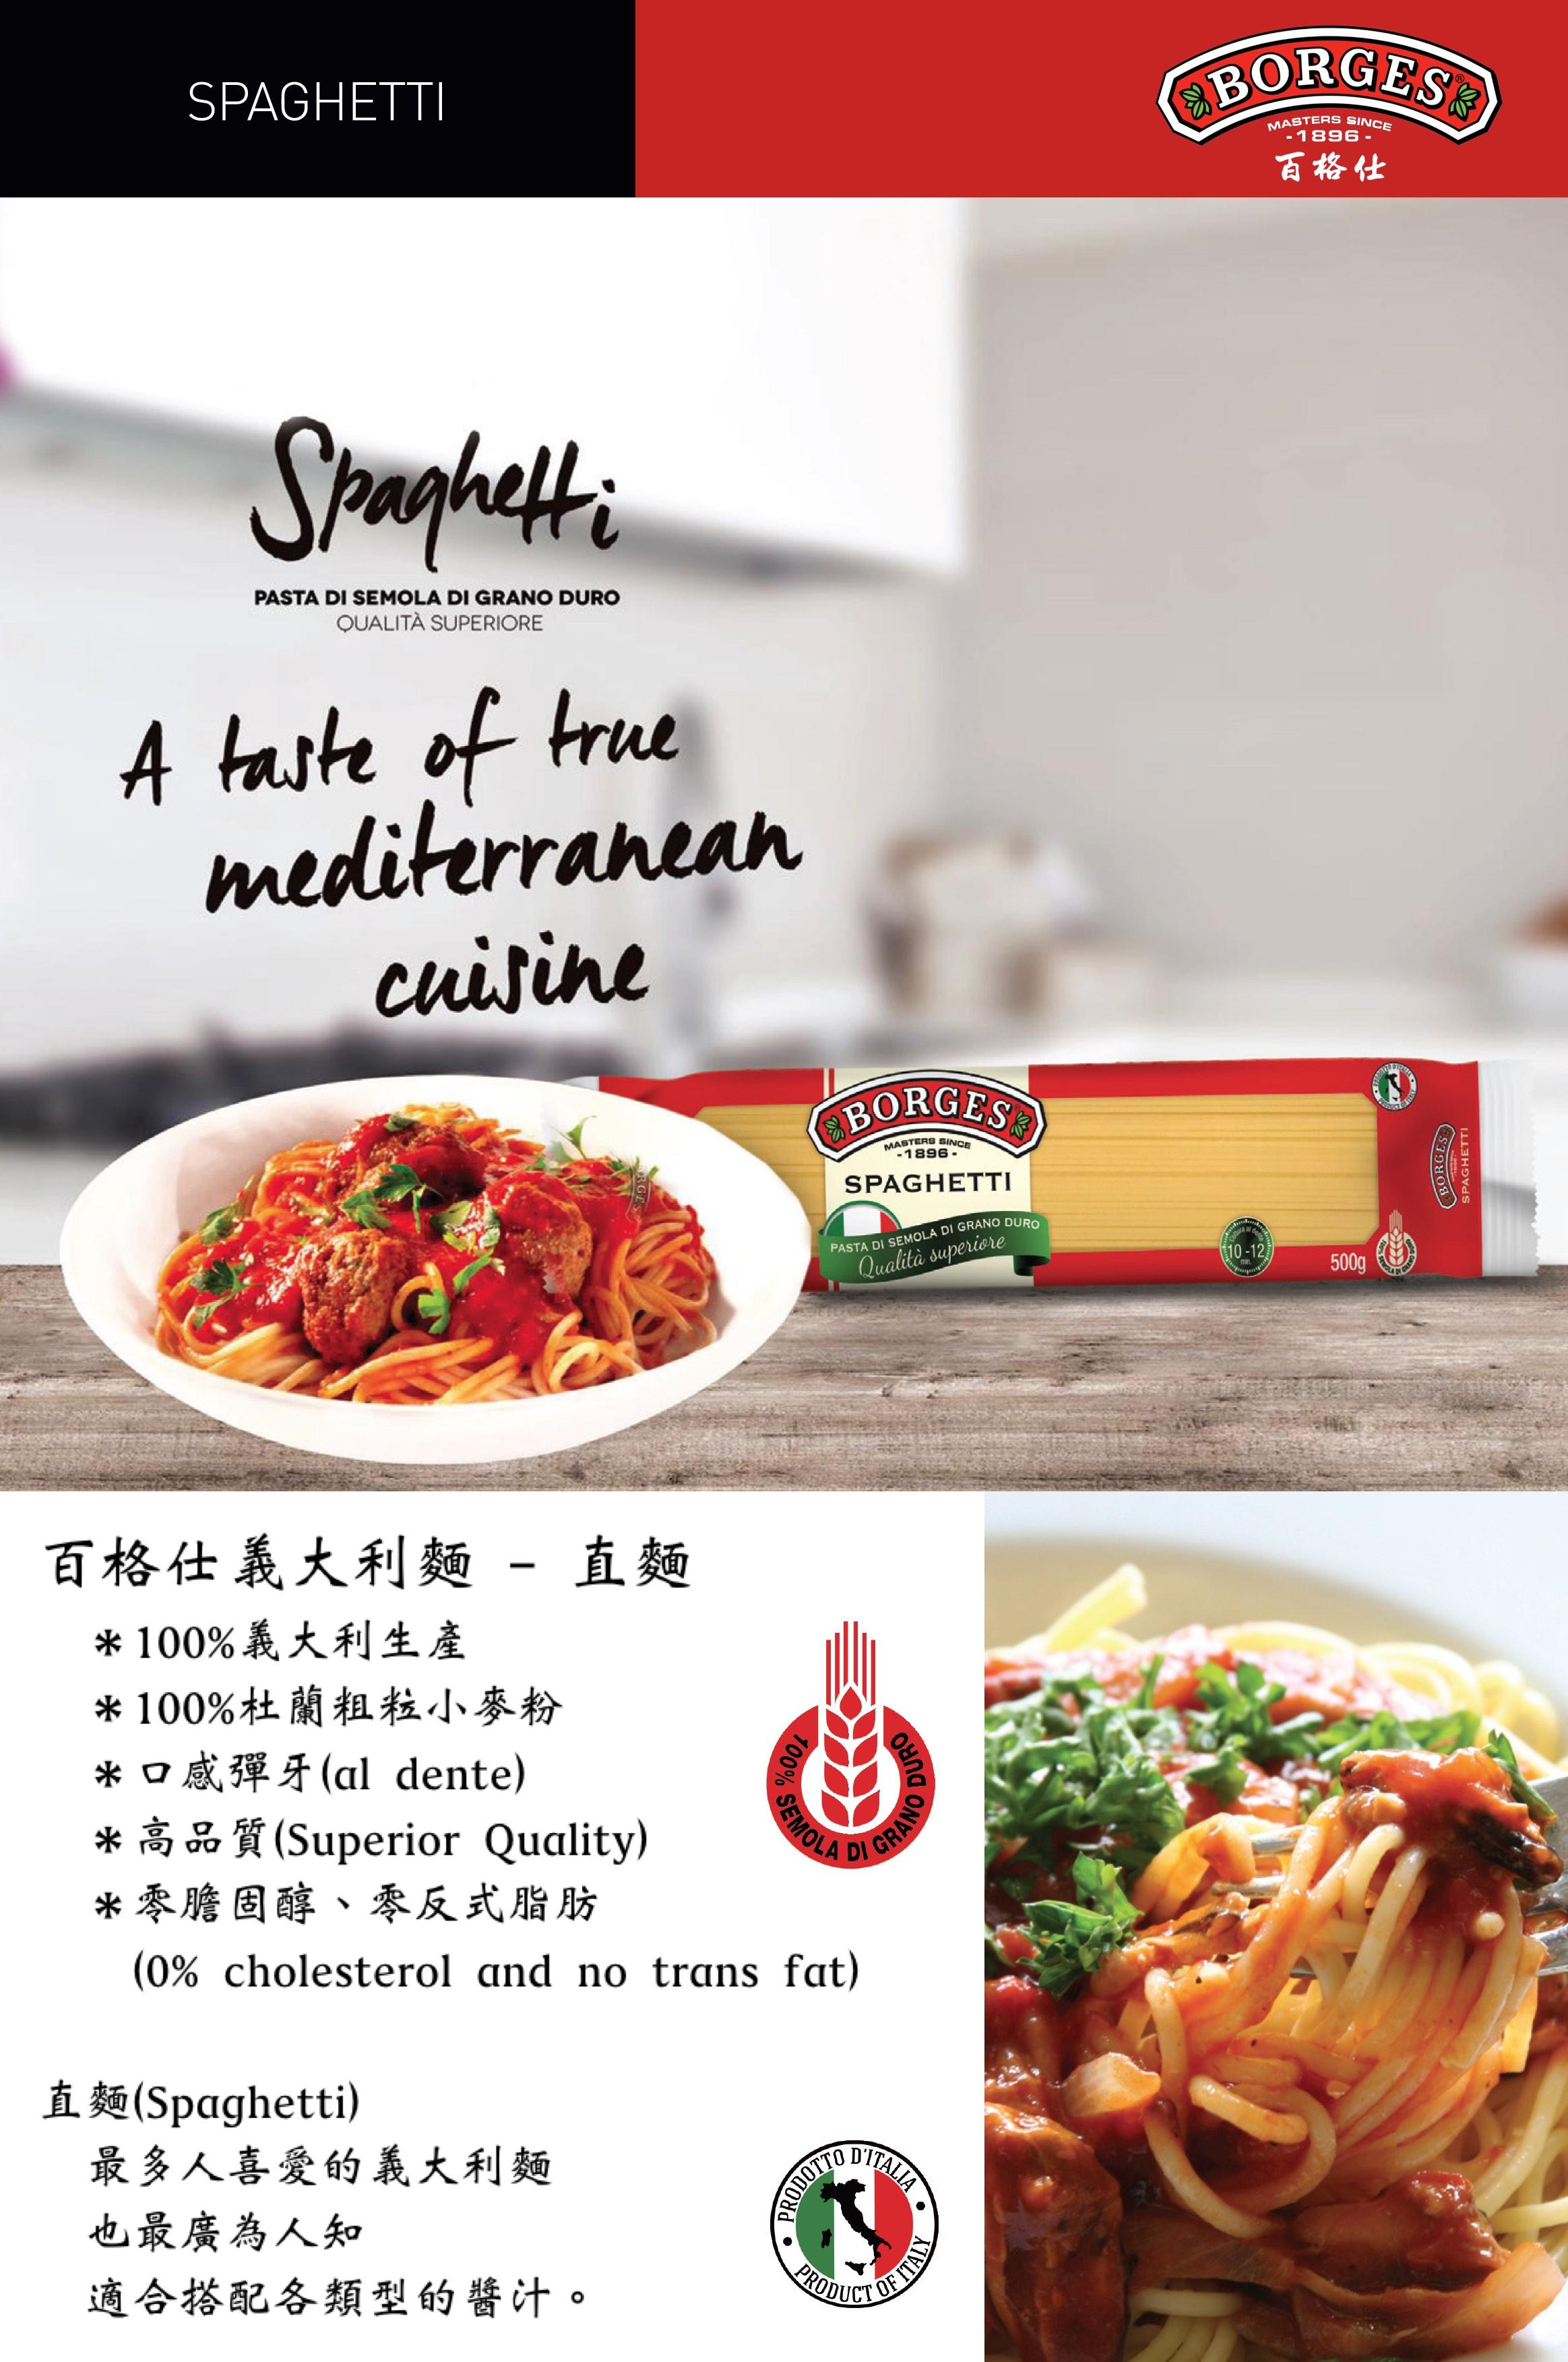 直麵(SPAGHETTI)-百格仕義大利麵,最受大眾喜愛的義大利麵。